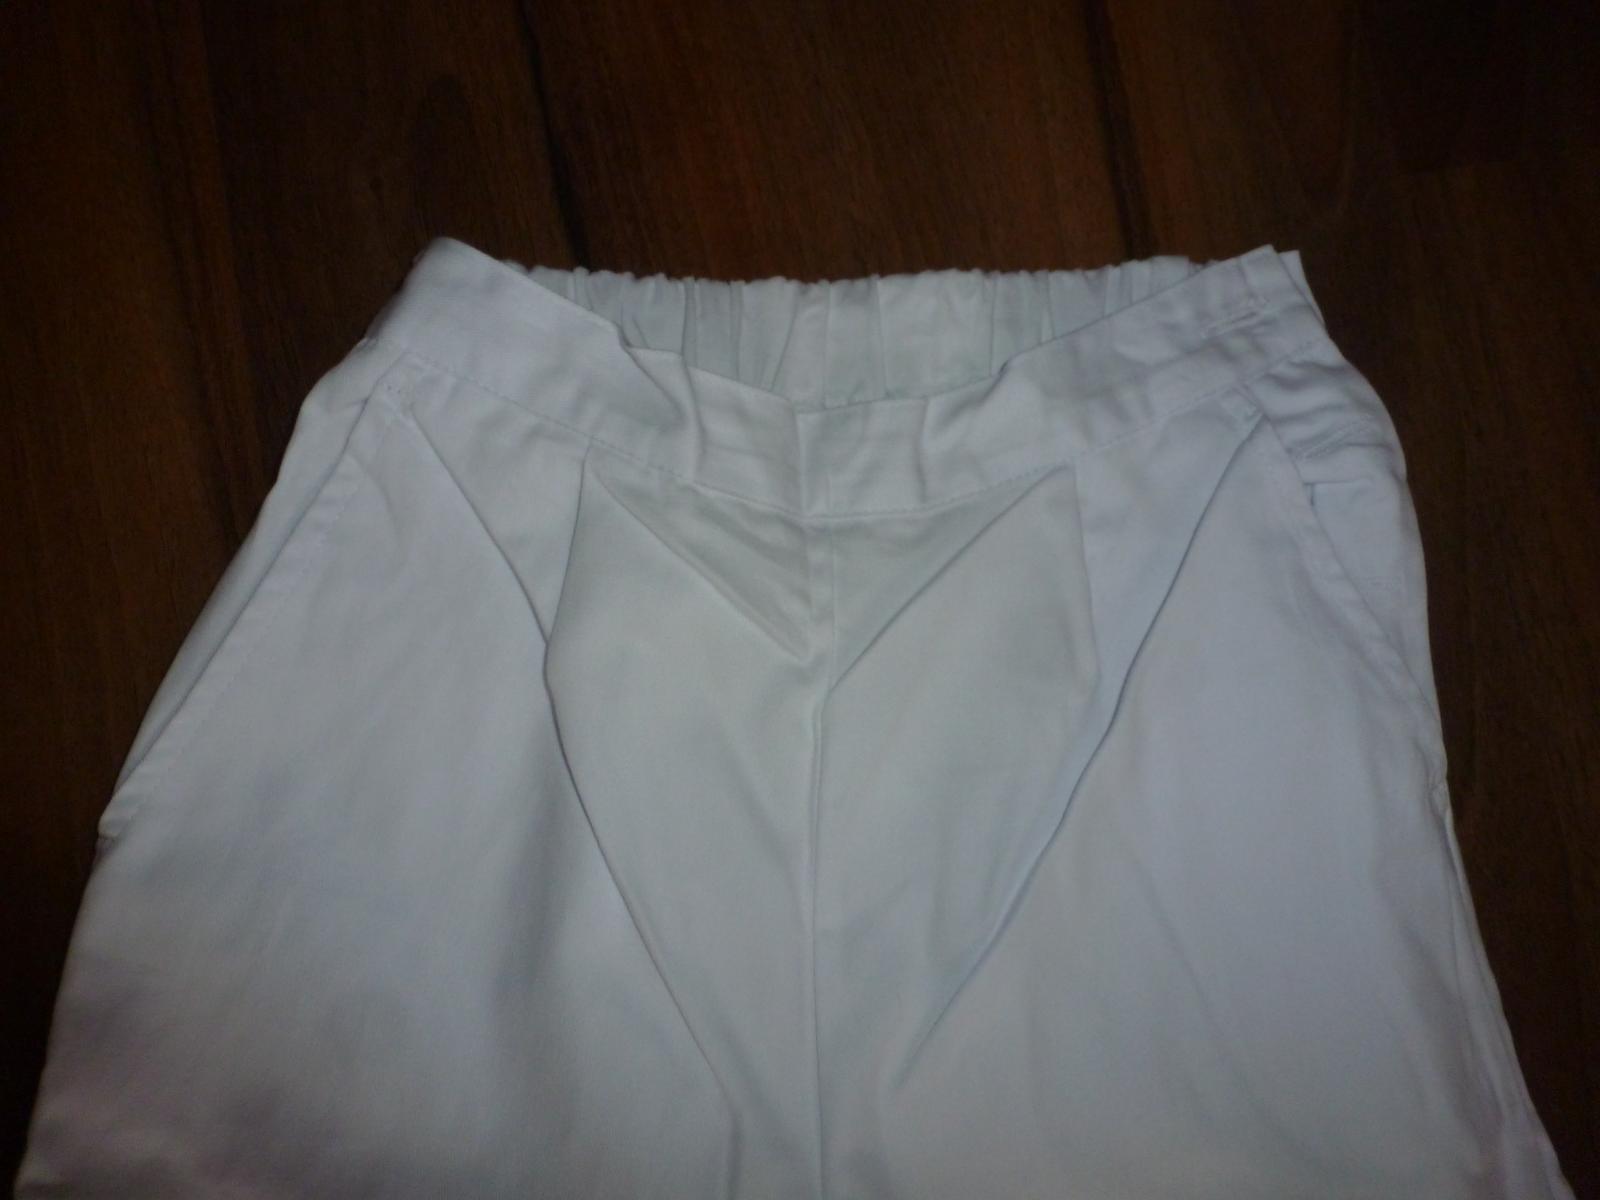 pracovné nohavice Triberg č.34 - Obrázok č. 1